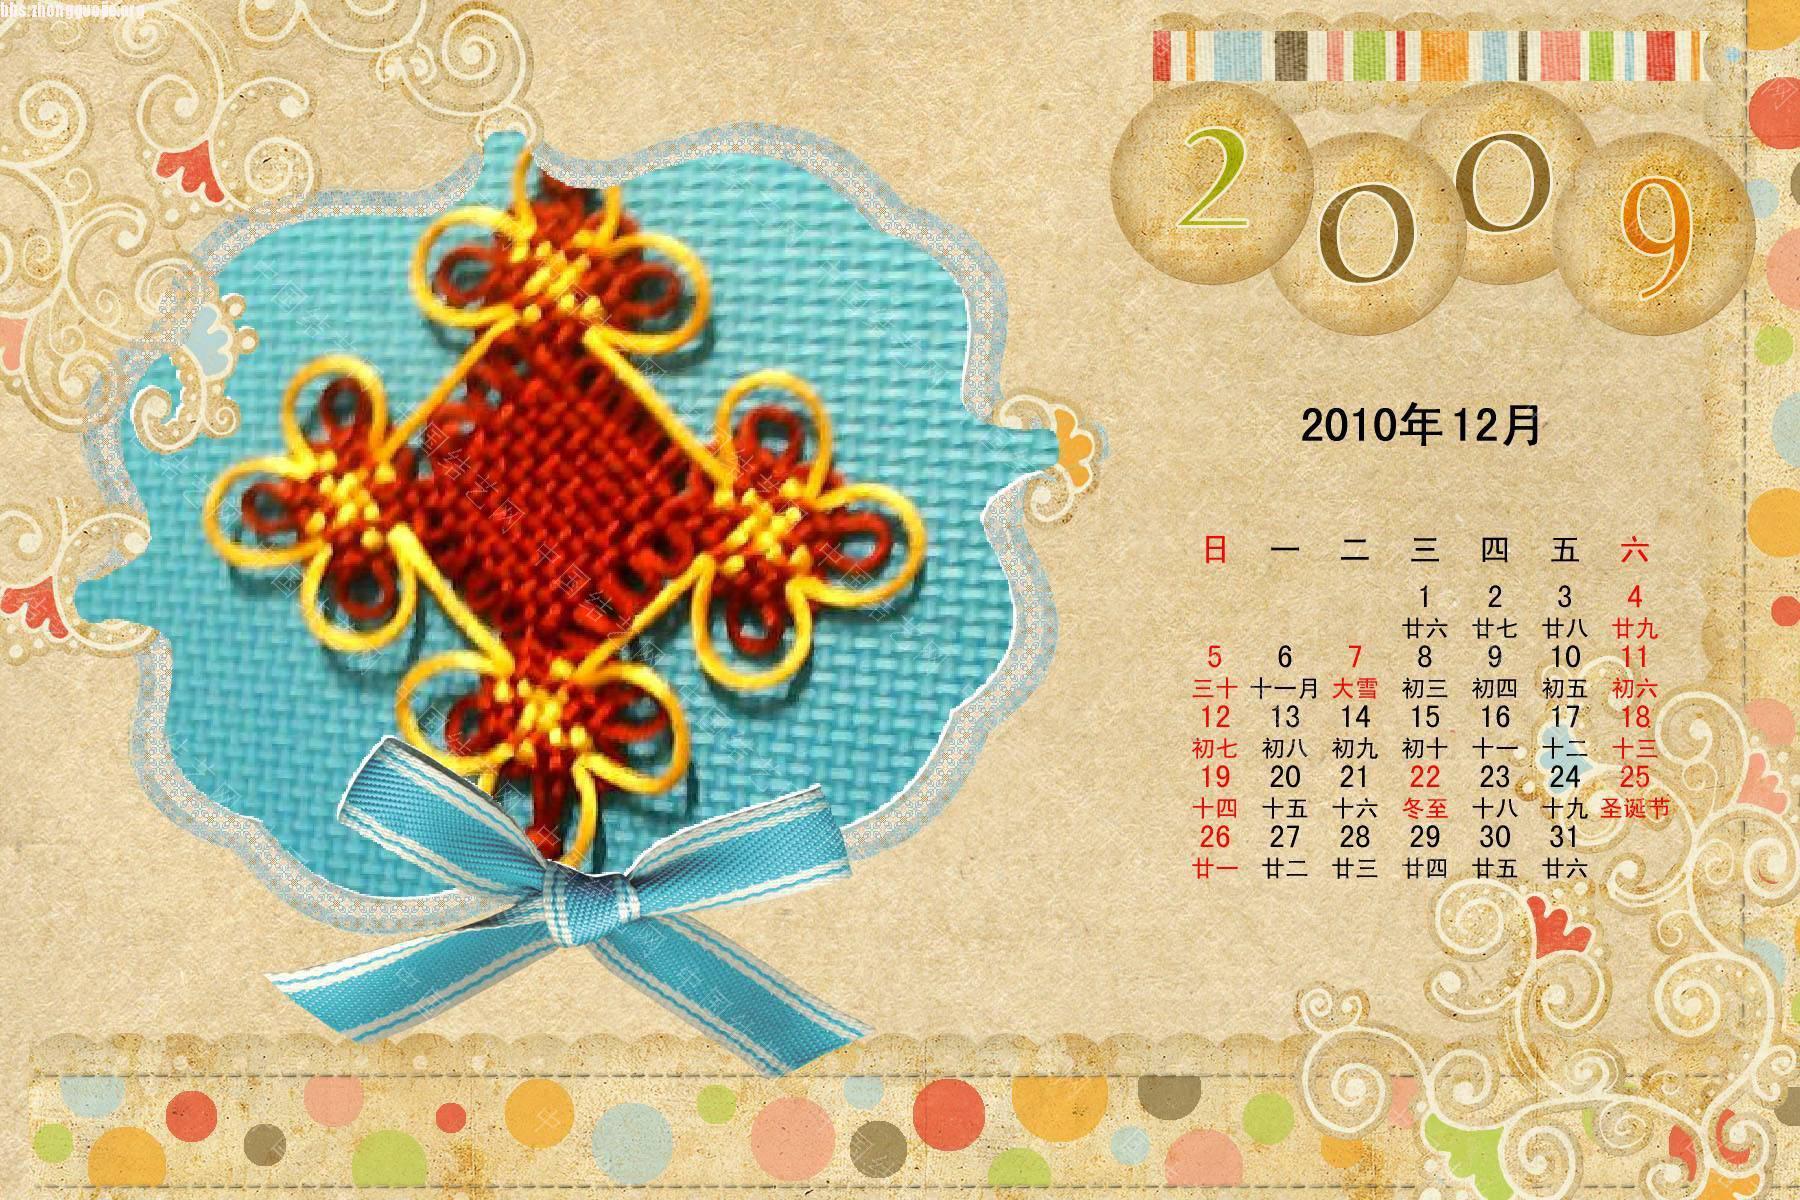 中国结论坛   作品展示 1012052112b81da87eecc319f6